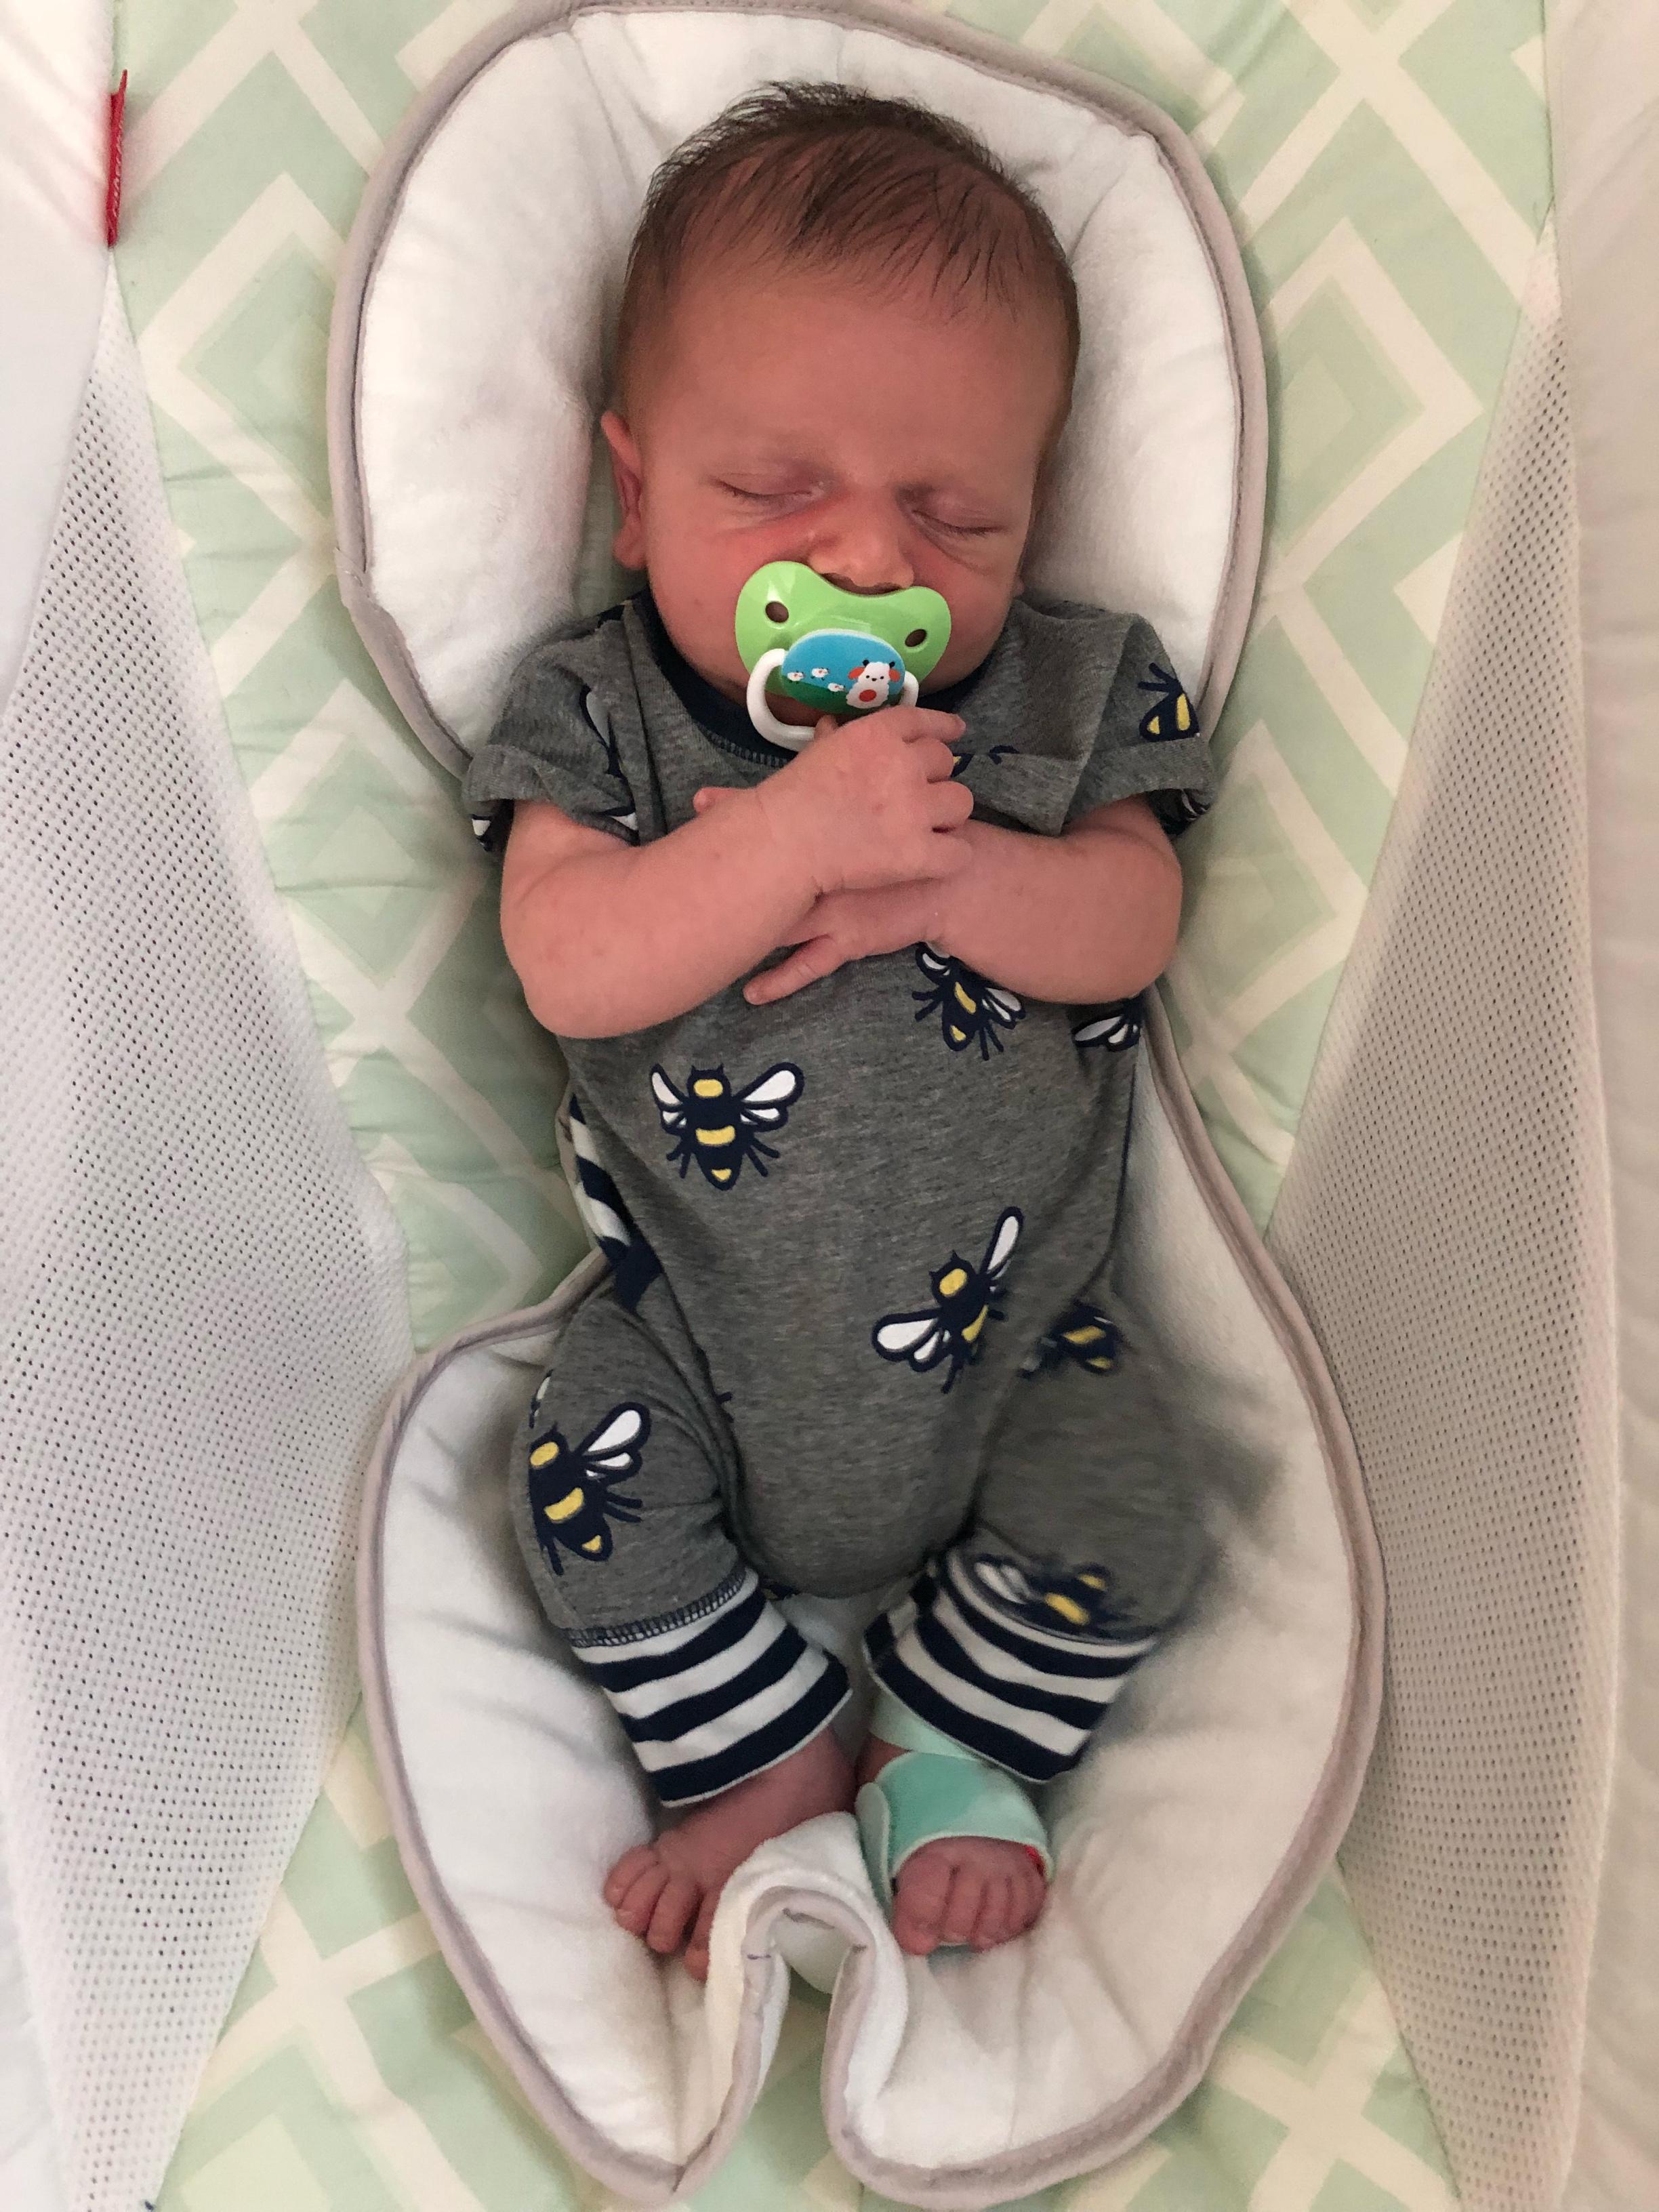 Parx - 4 weeks old